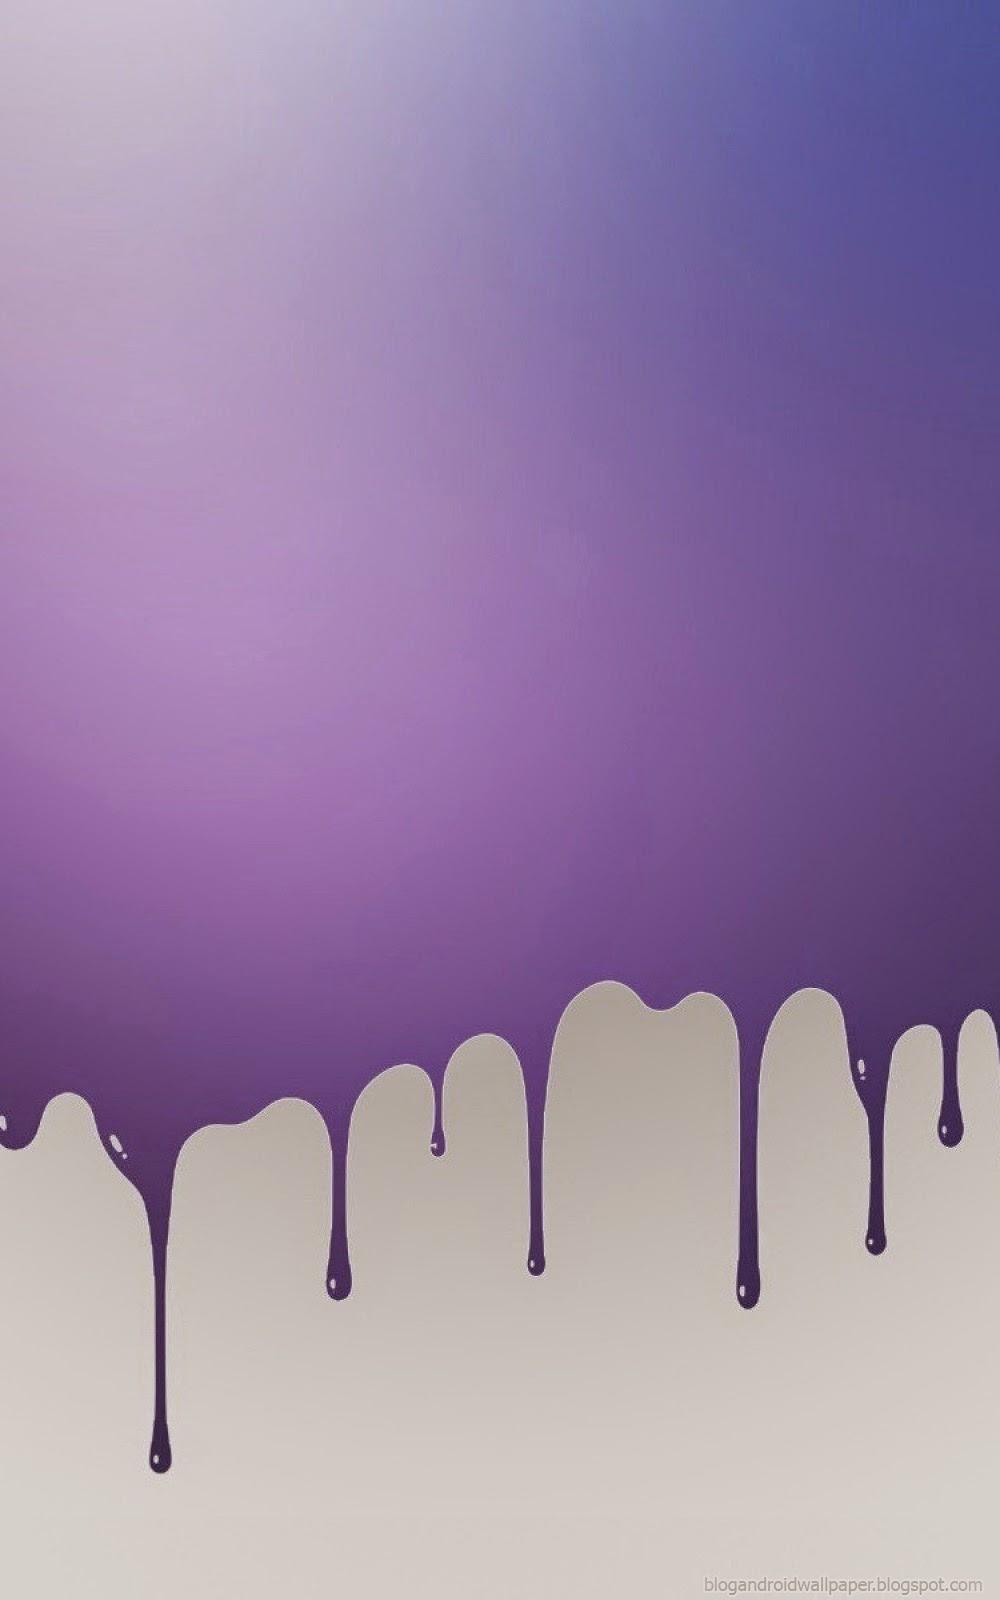 Background Warna Ungu Muda : background, warna, Wallpaper, Warna